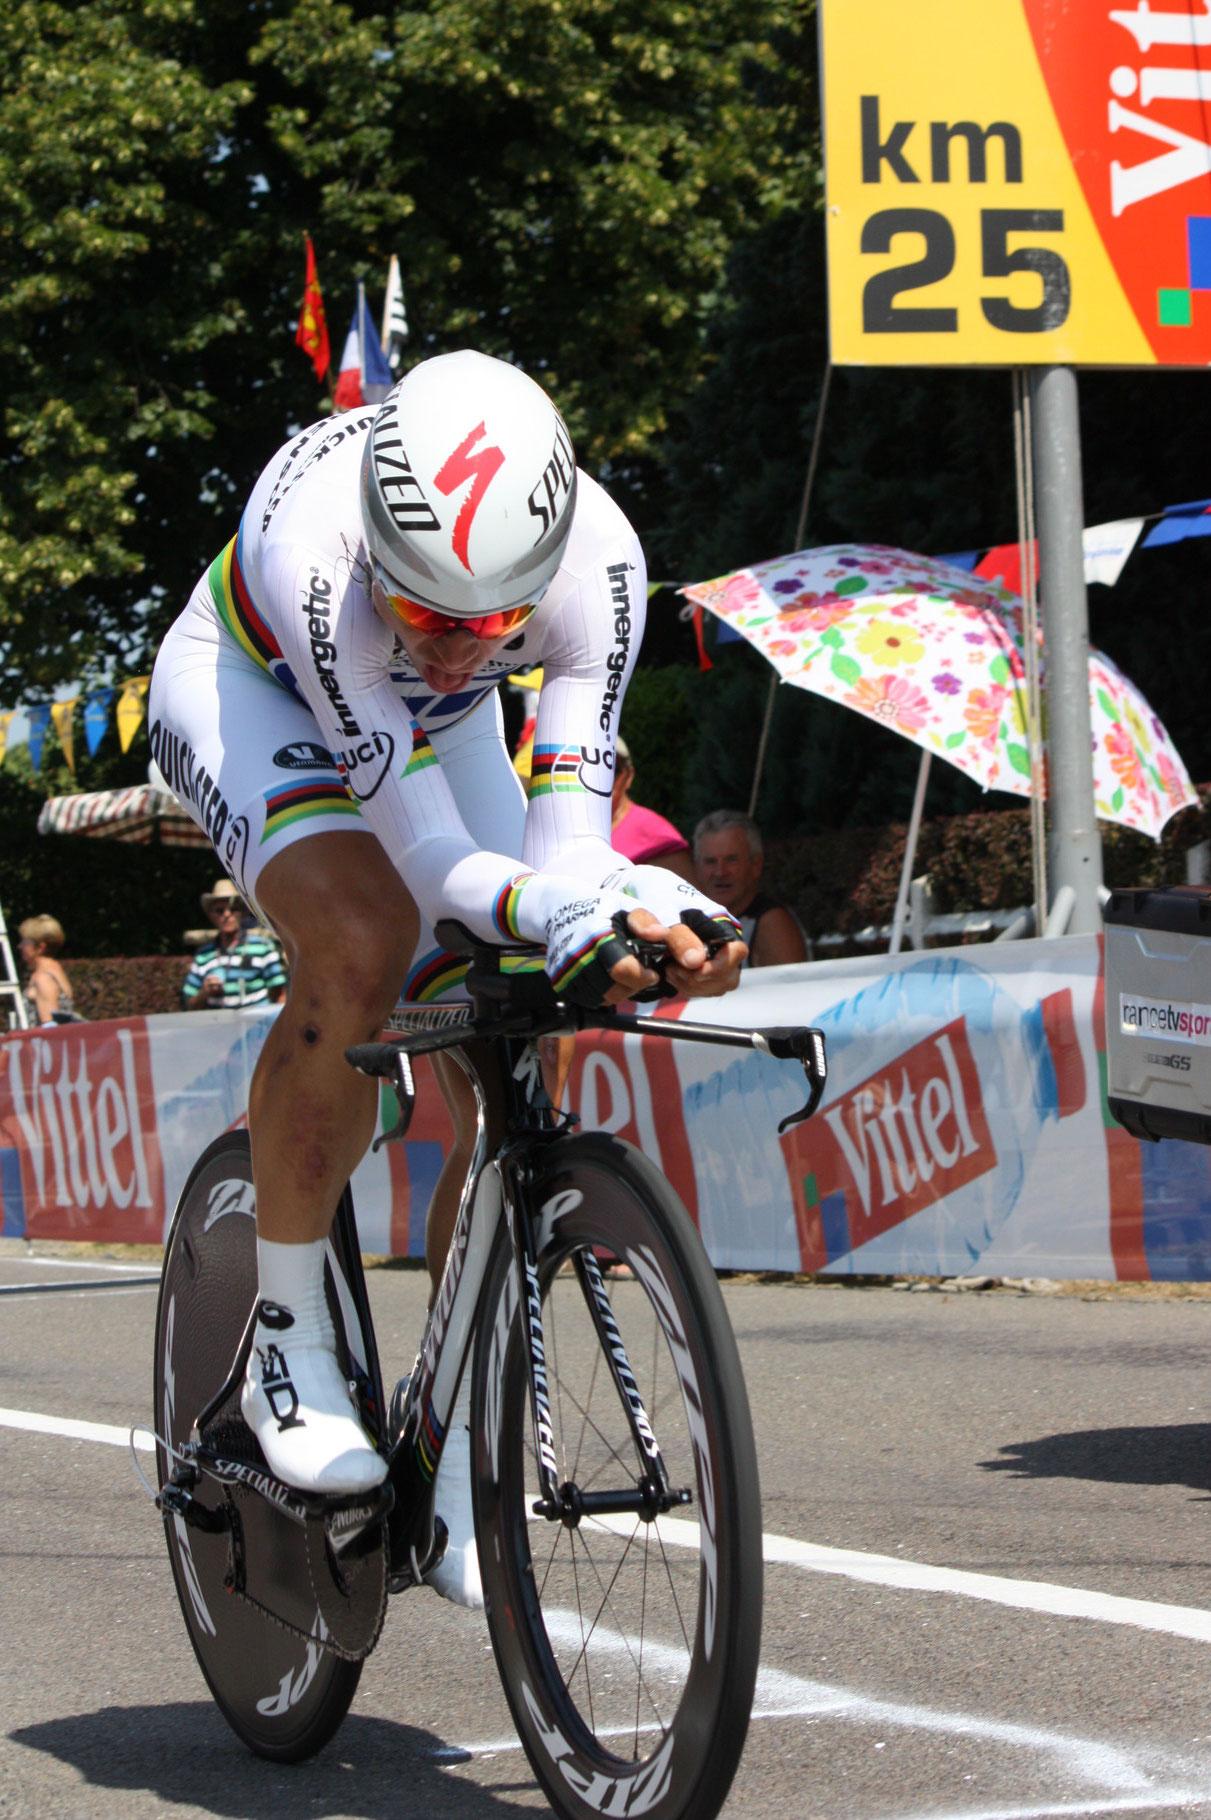 Tony Martin - Vainqueur de ce contre la montre (33 kms)